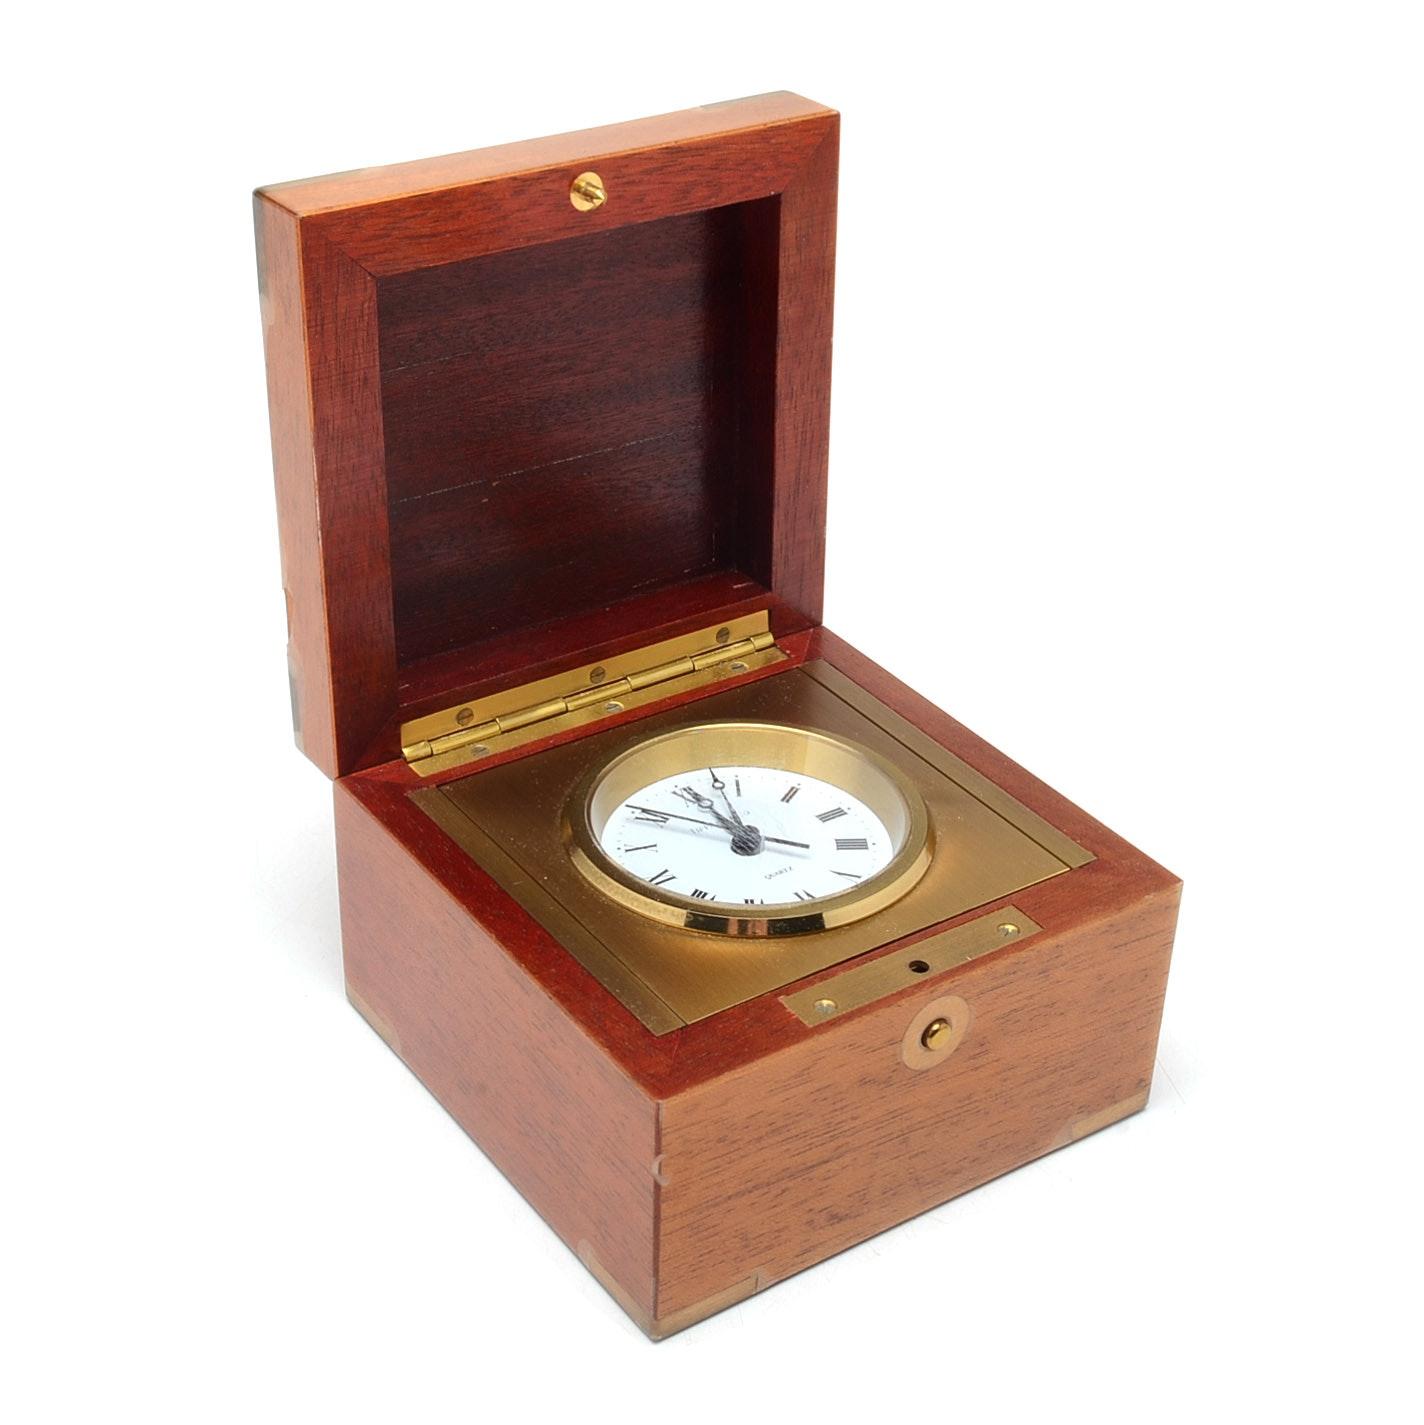 Tiffany & Co. Swing Desk Clock